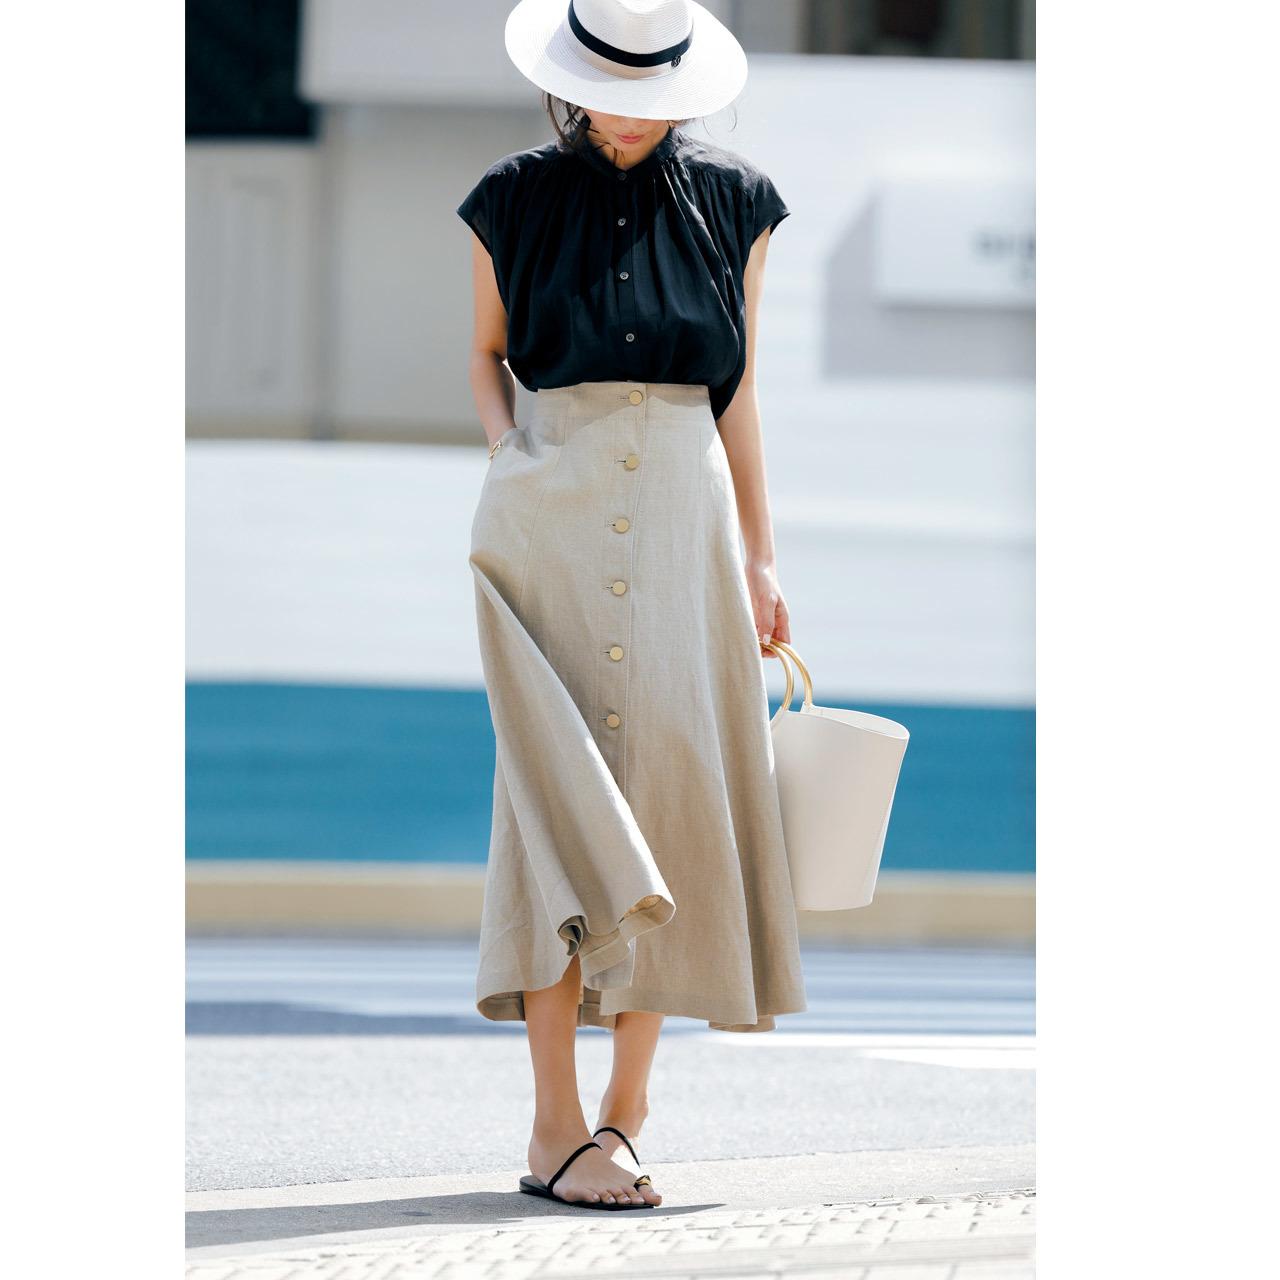 <シンプルな黒ワンピースは夏小物でほんのりドラマティックに仕上げて><黒のフレンチ袖ブラウス+ベージュのリネンスカート>